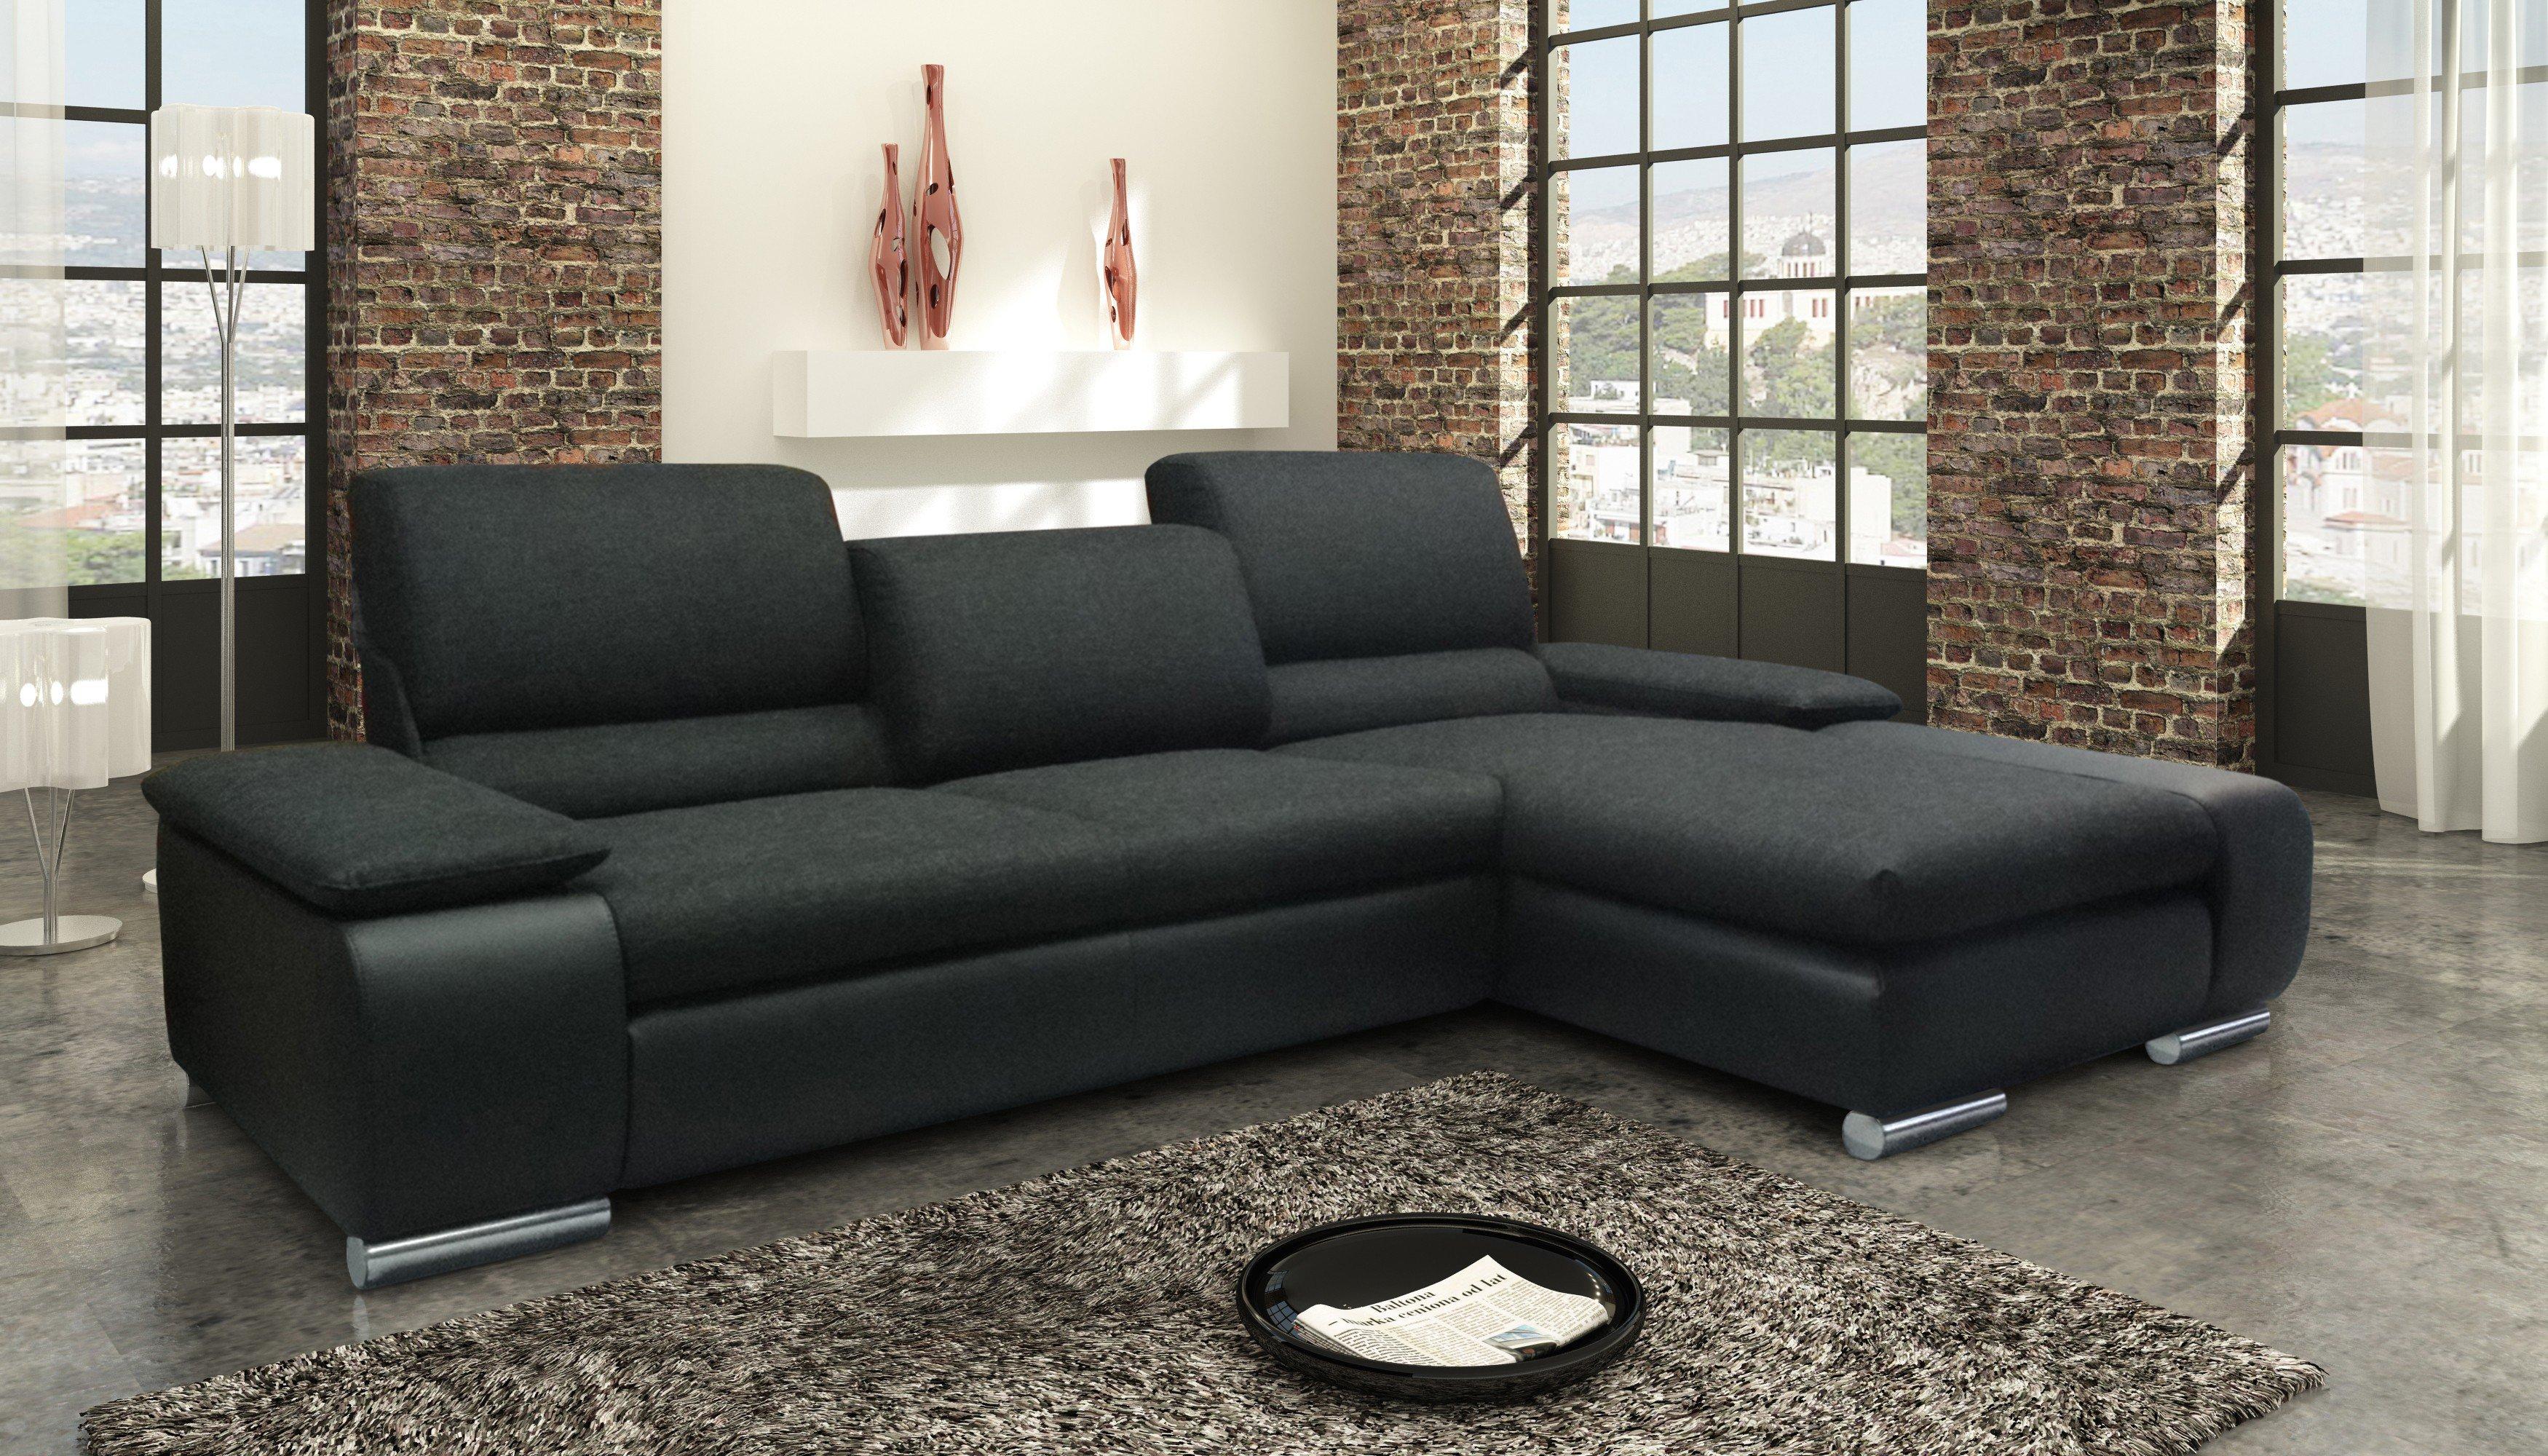 dreisitz design faro eckgarnitur in schwarz m bel letz ihr online shop. Black Bedroom Furniture Sets. Home Design Ideas